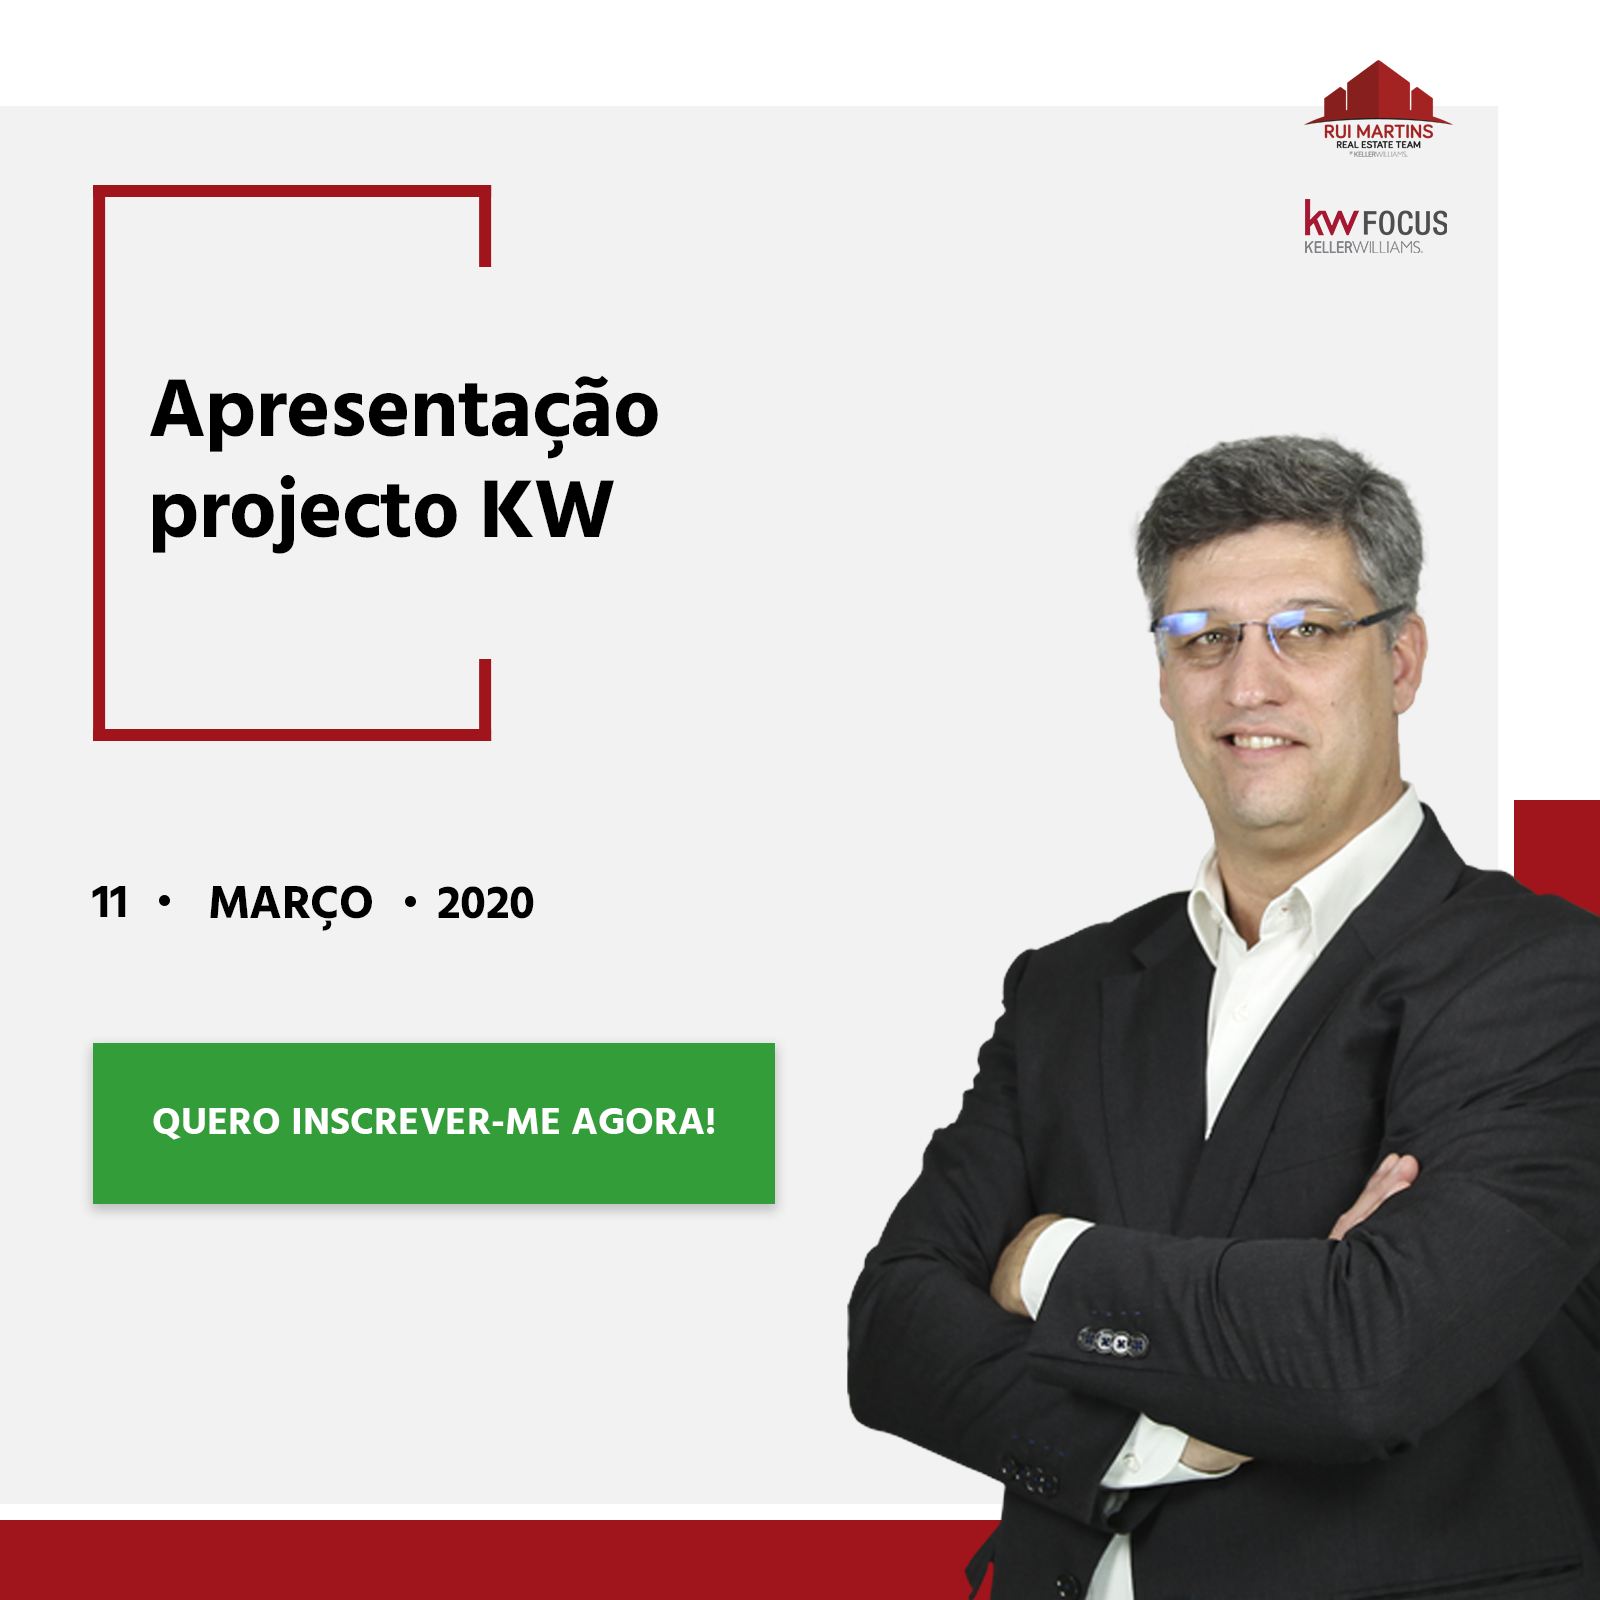 evento_11 MARÇO